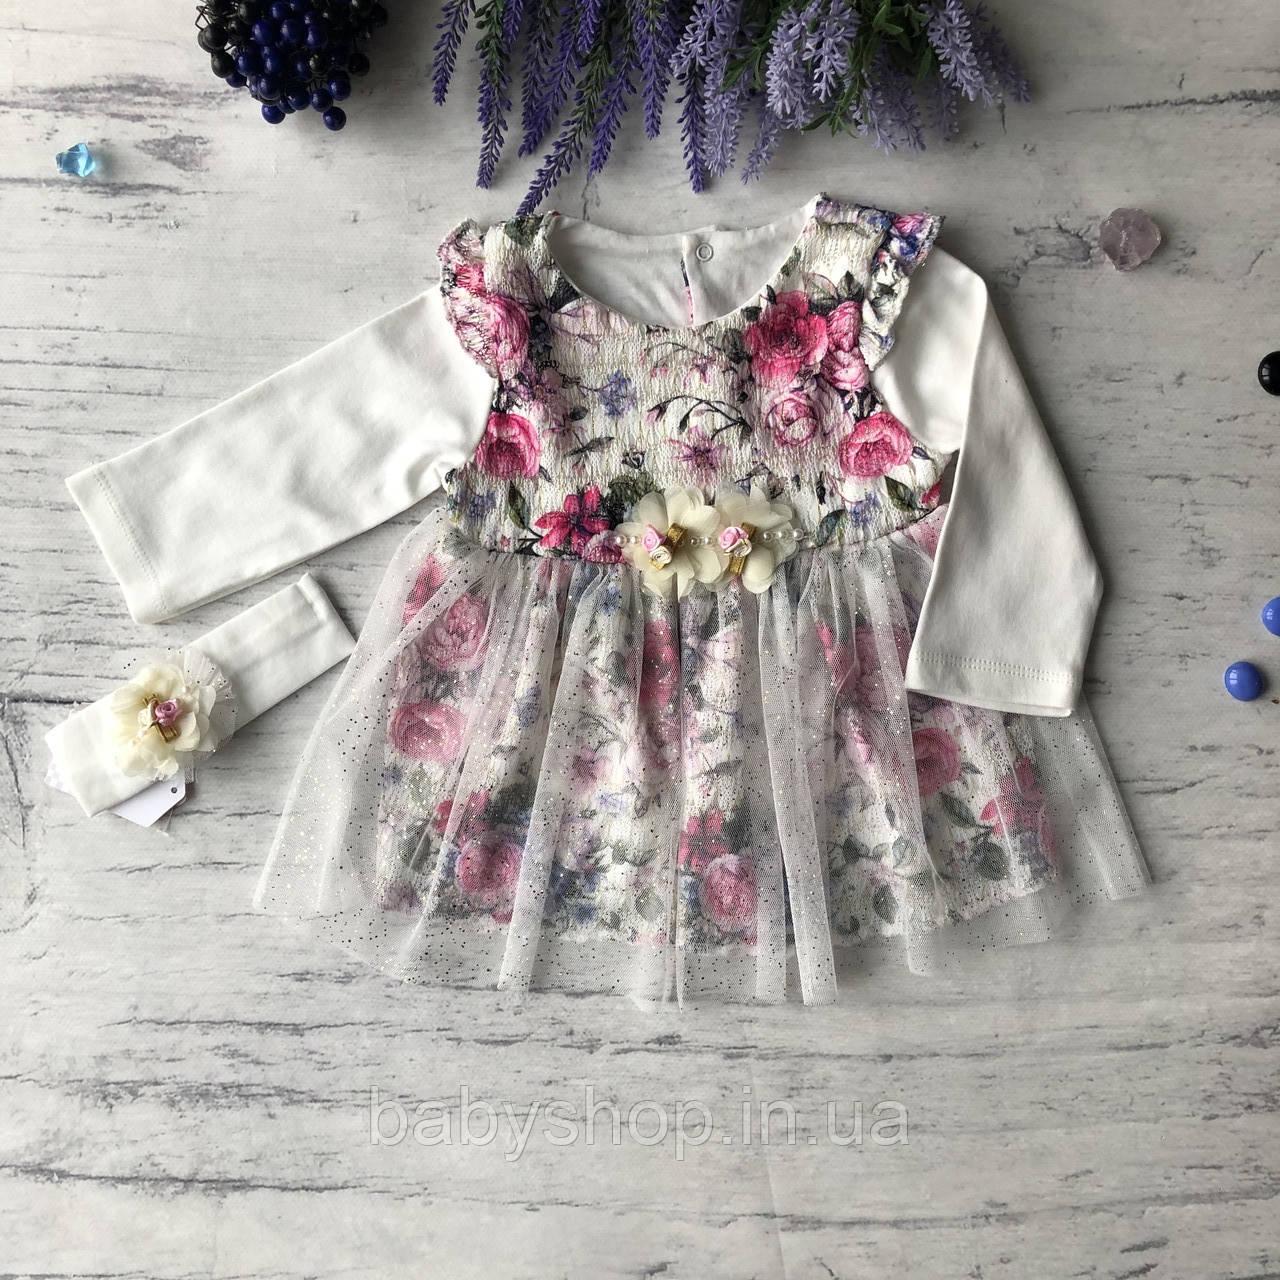 Нарядное платье с повязкой на девочку 269. Размер 56 см, 62 см, 68 см